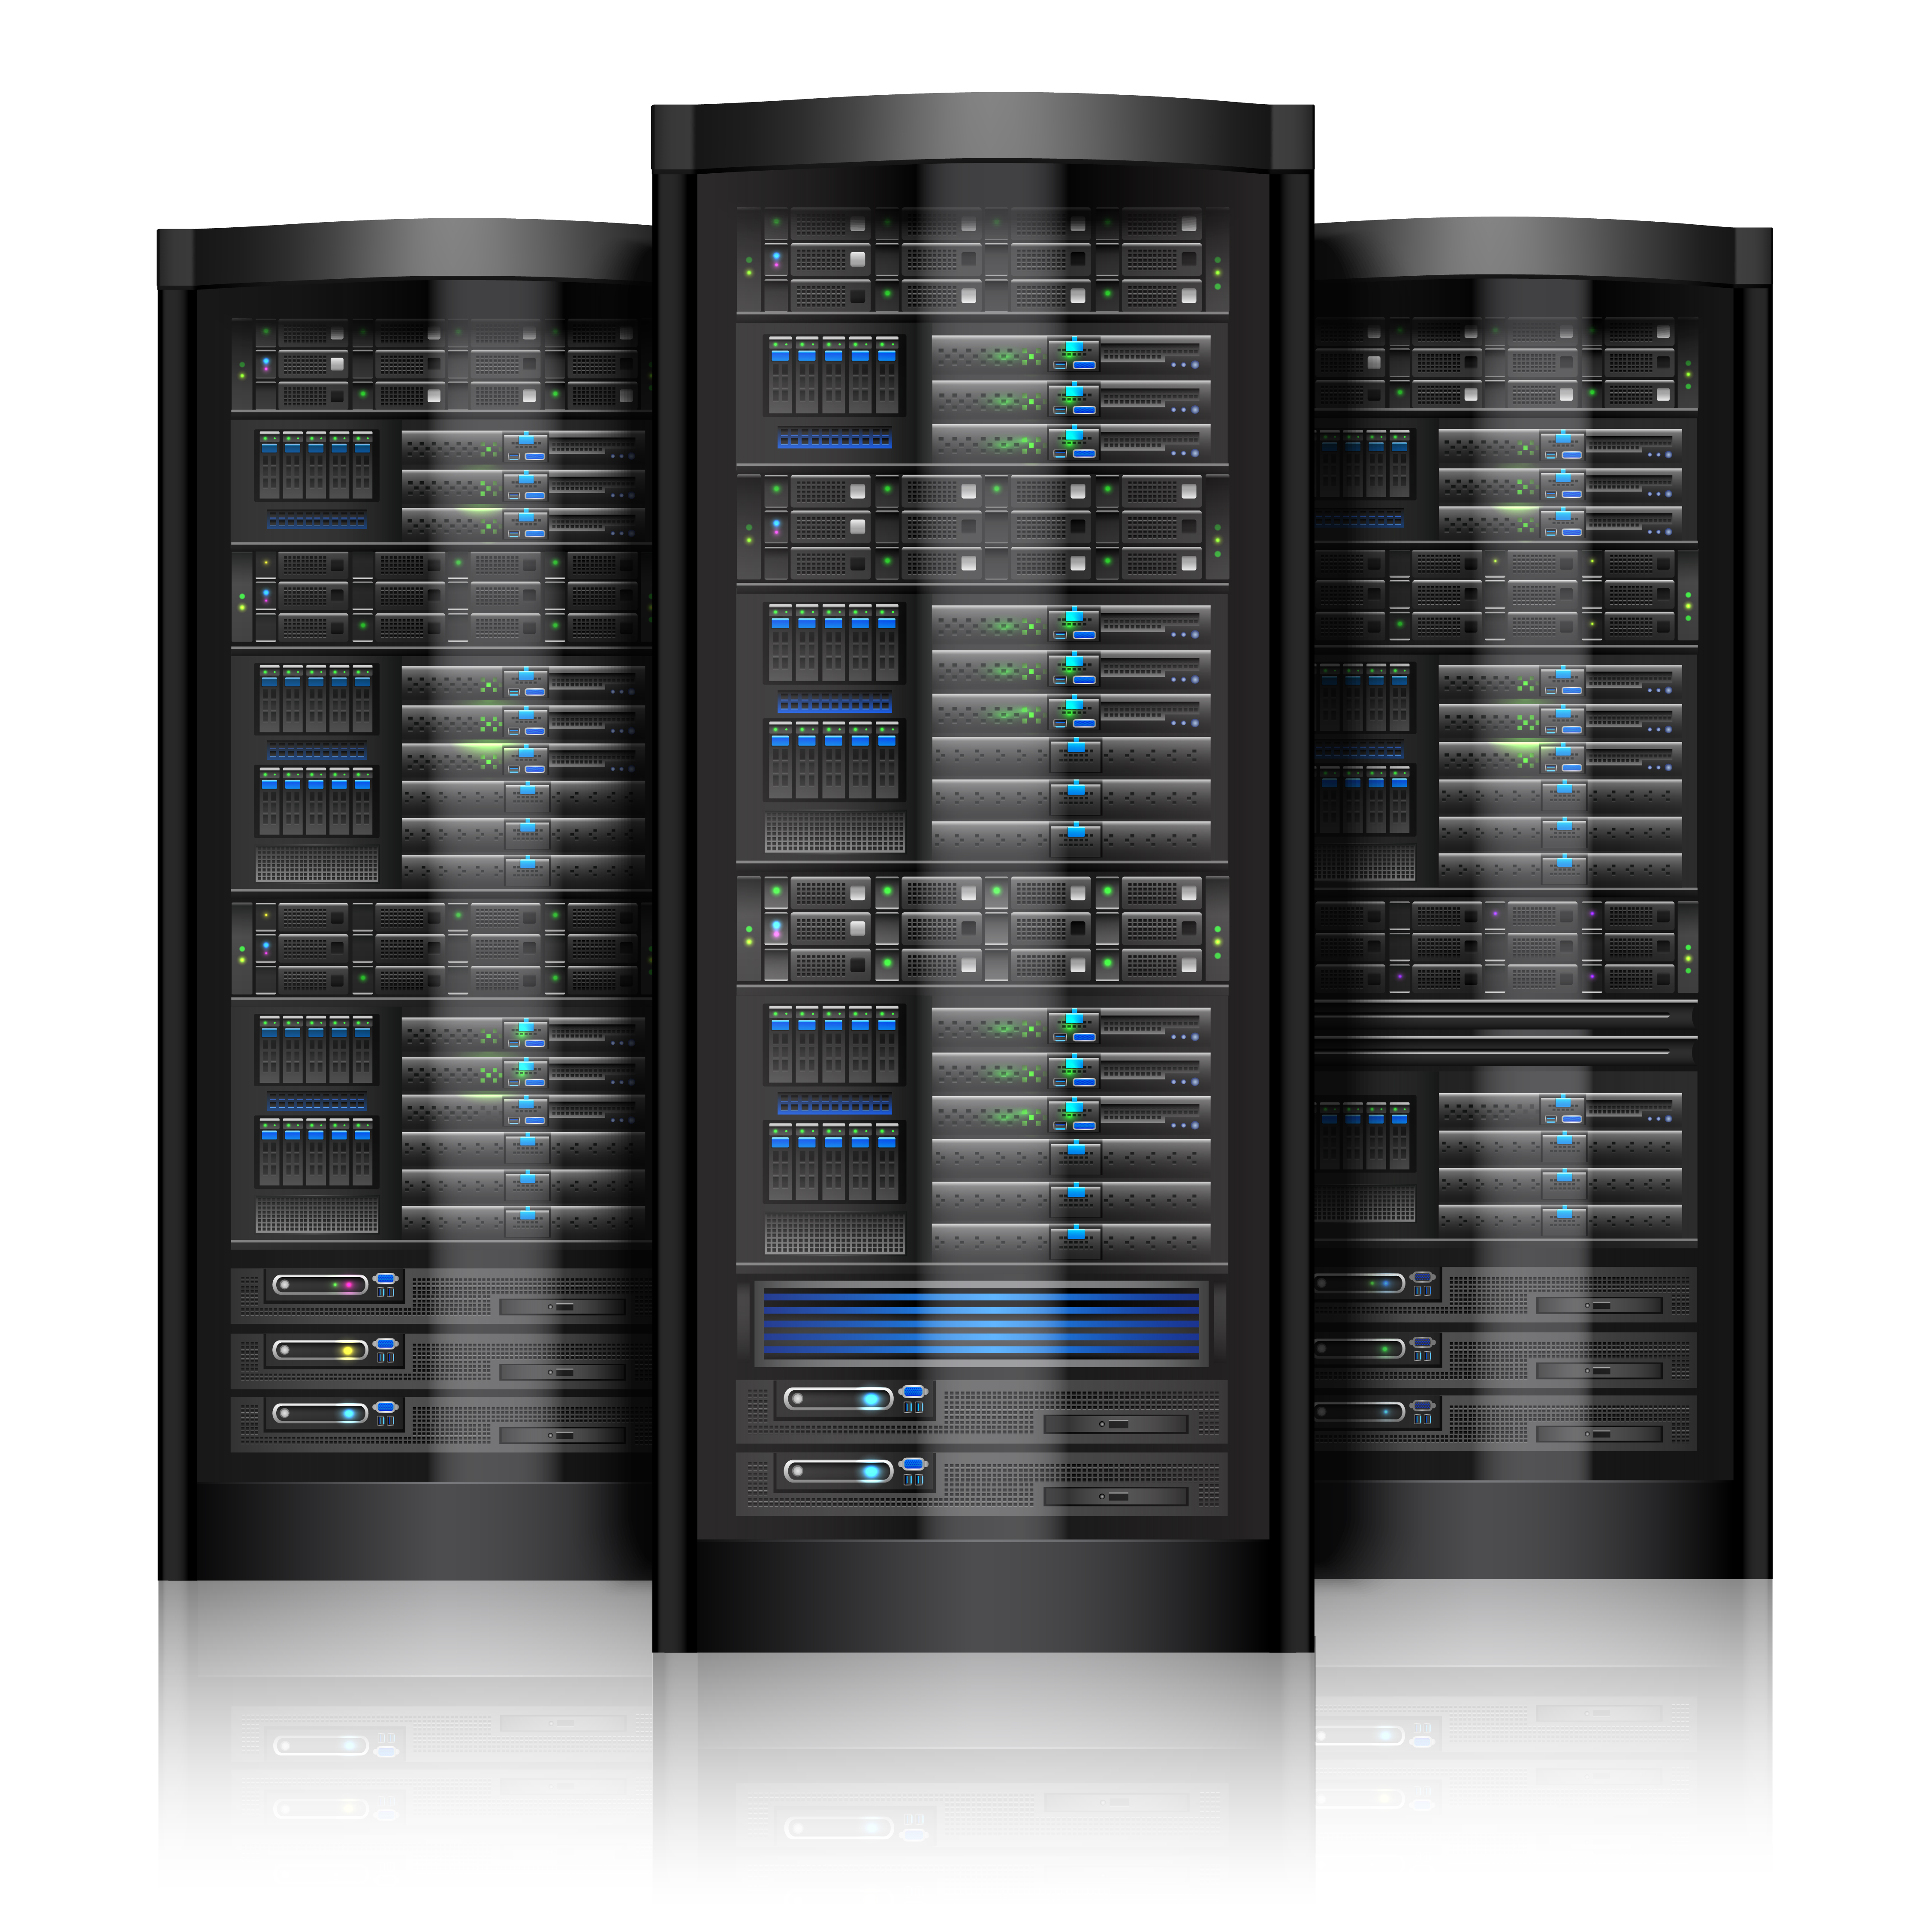 free image hosting net  »  7 Image »  Awesome ..!